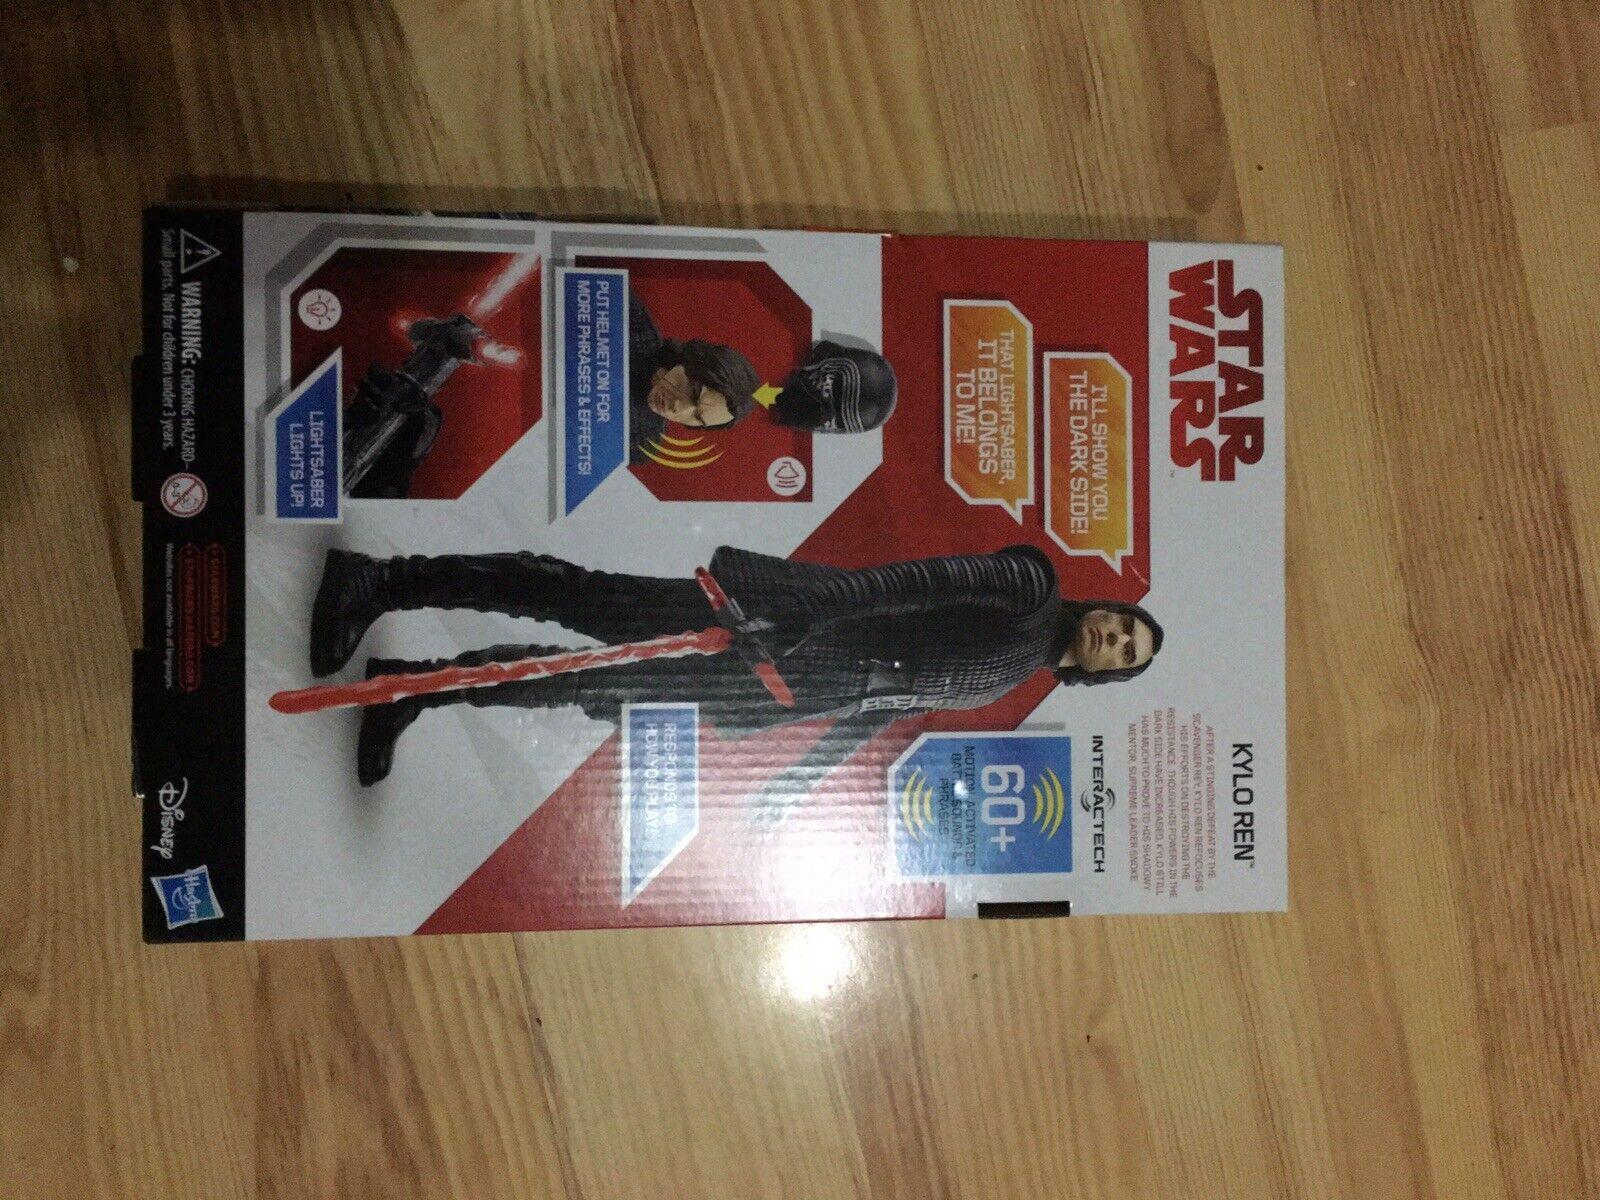 Star Star Star Wars E8 Kylo Ren Interactech Figure 62c400